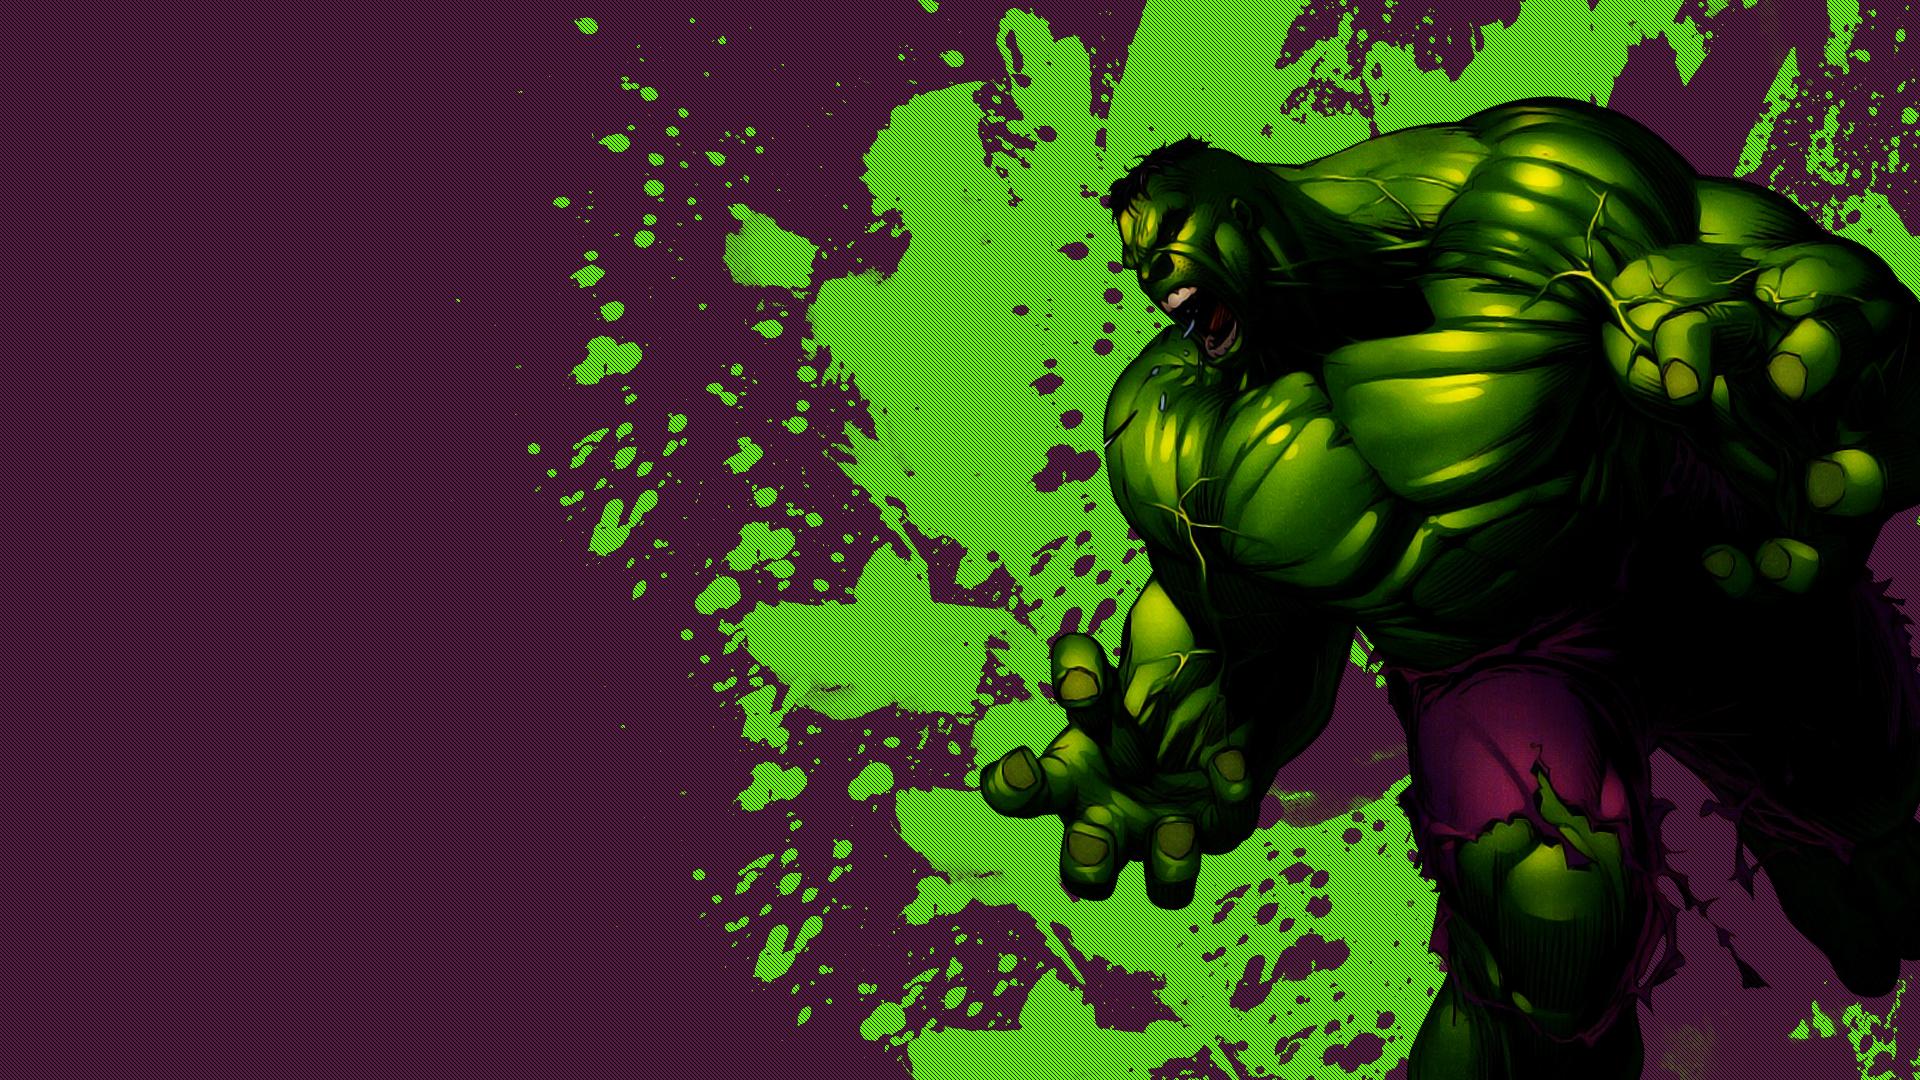 incredible hulk wallpaper for desktop 18 1920x1080